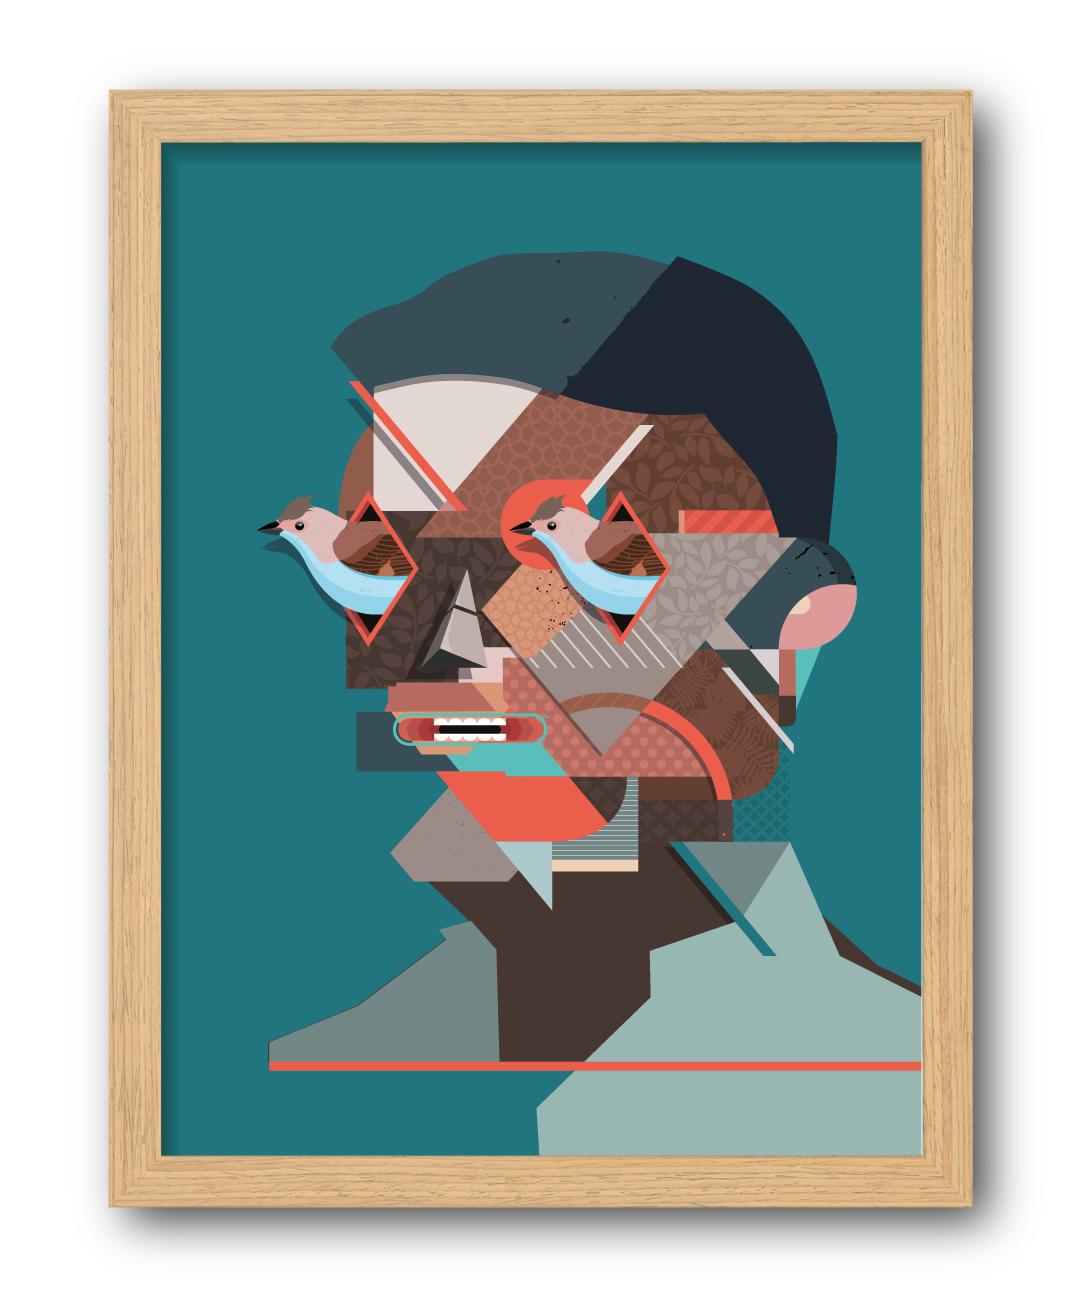 Niels-de-Jong-Title-Perspective-Framed